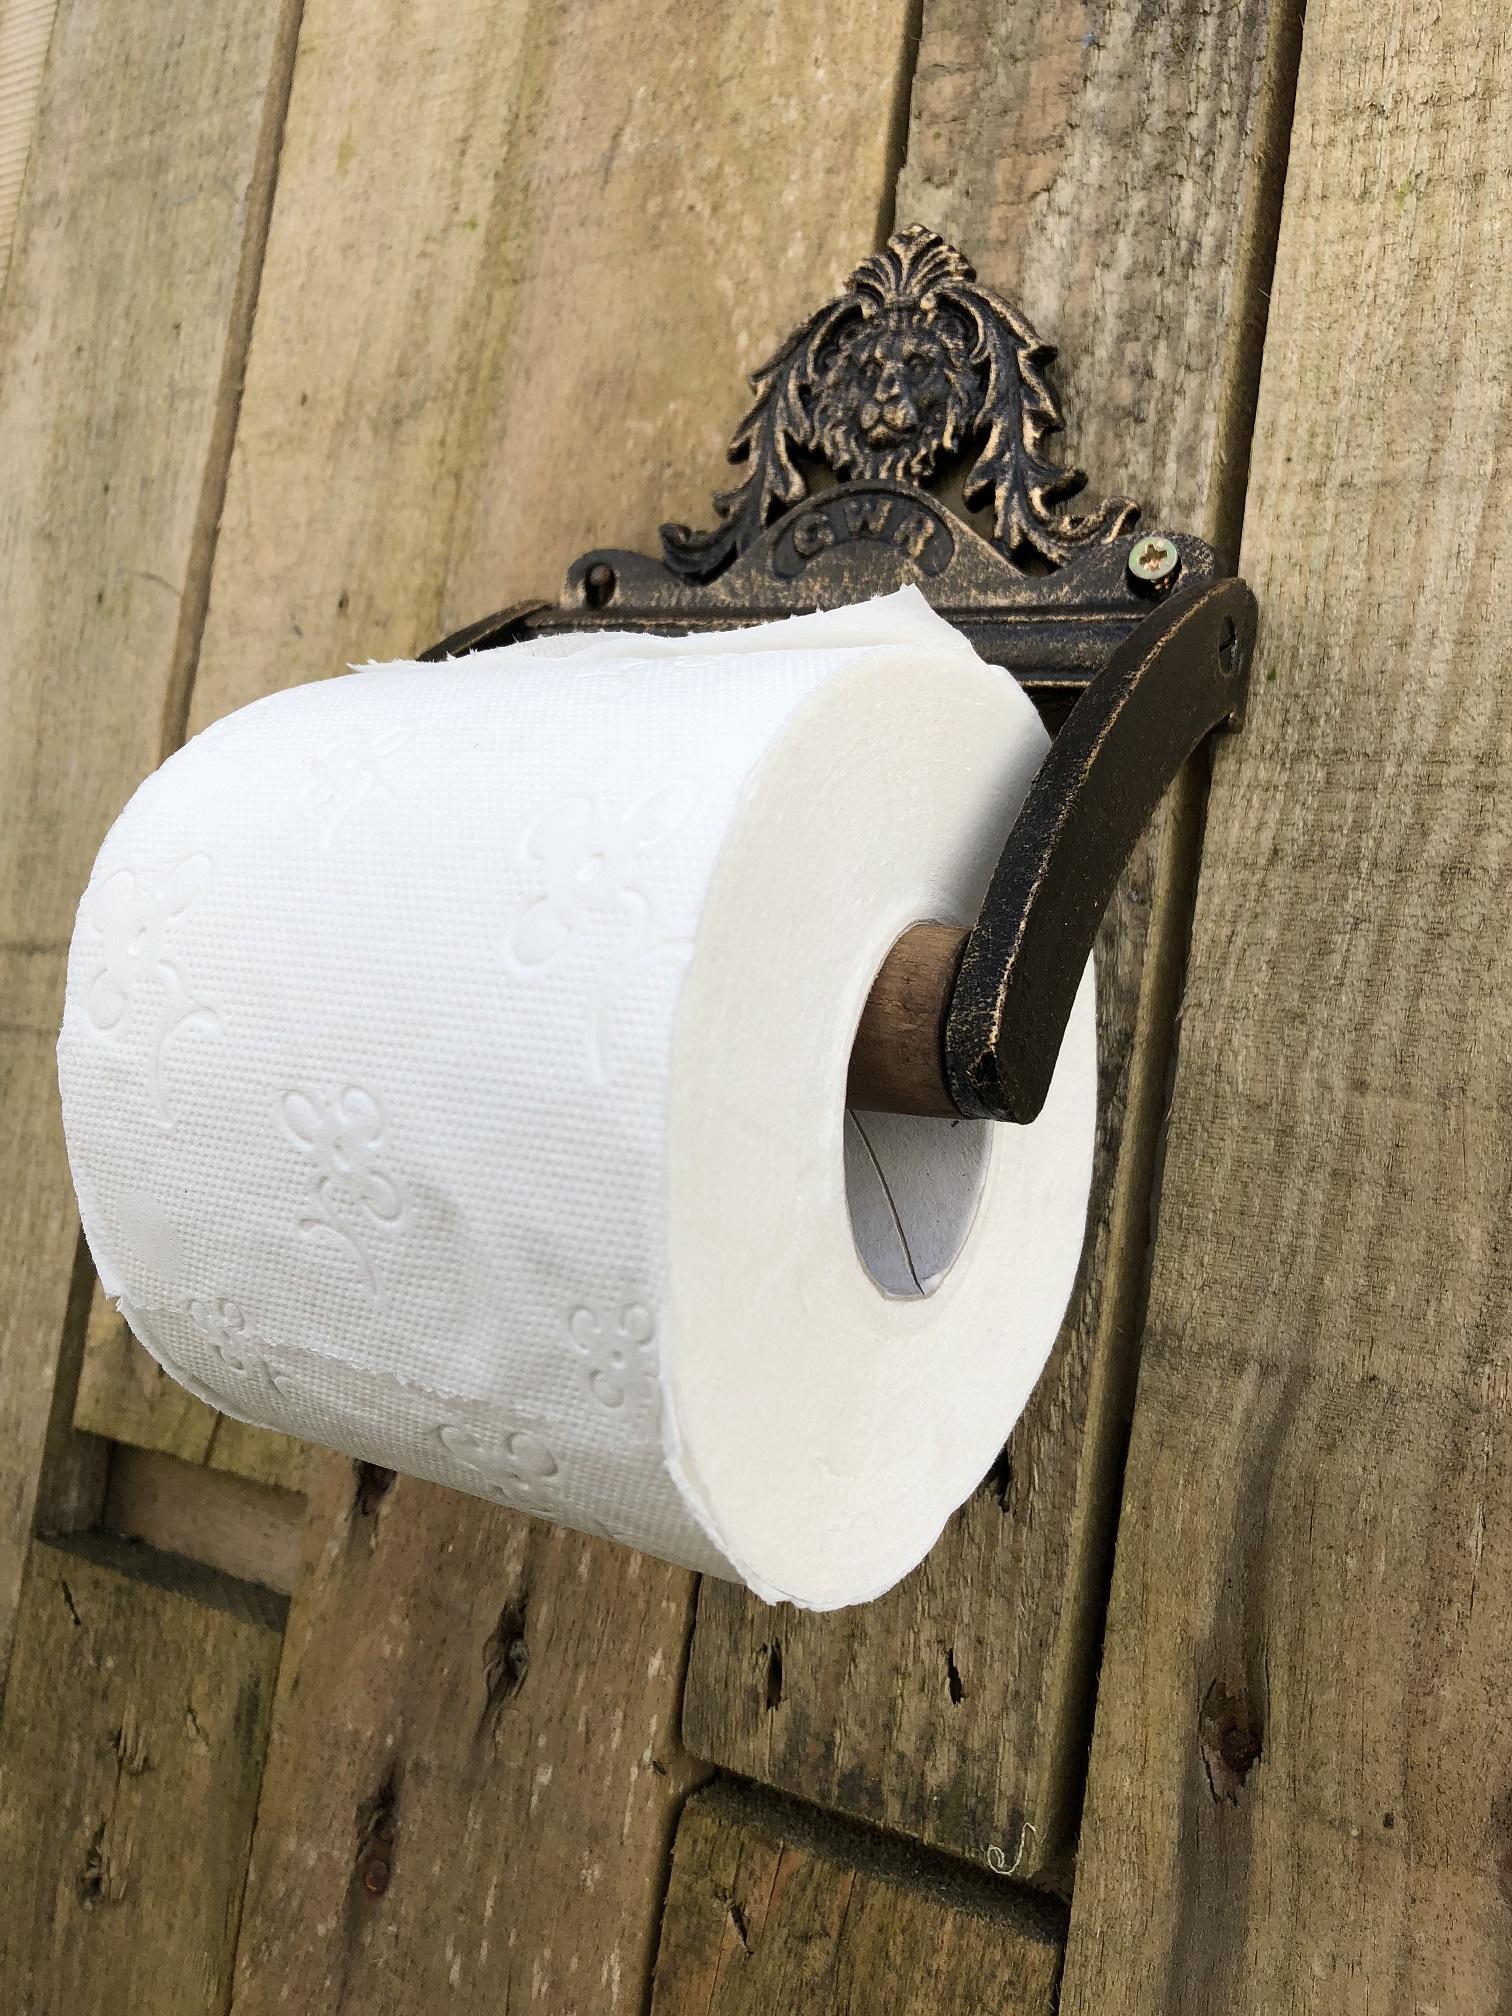 Wc Rollen Houder Hout.Tags Toilet Wc Papier Papier Houder Rolhouder Van Rond De Eeuwwisseling Badkamer Messing Papier Houder Wc Houder Voor Papierrol Houder Voor